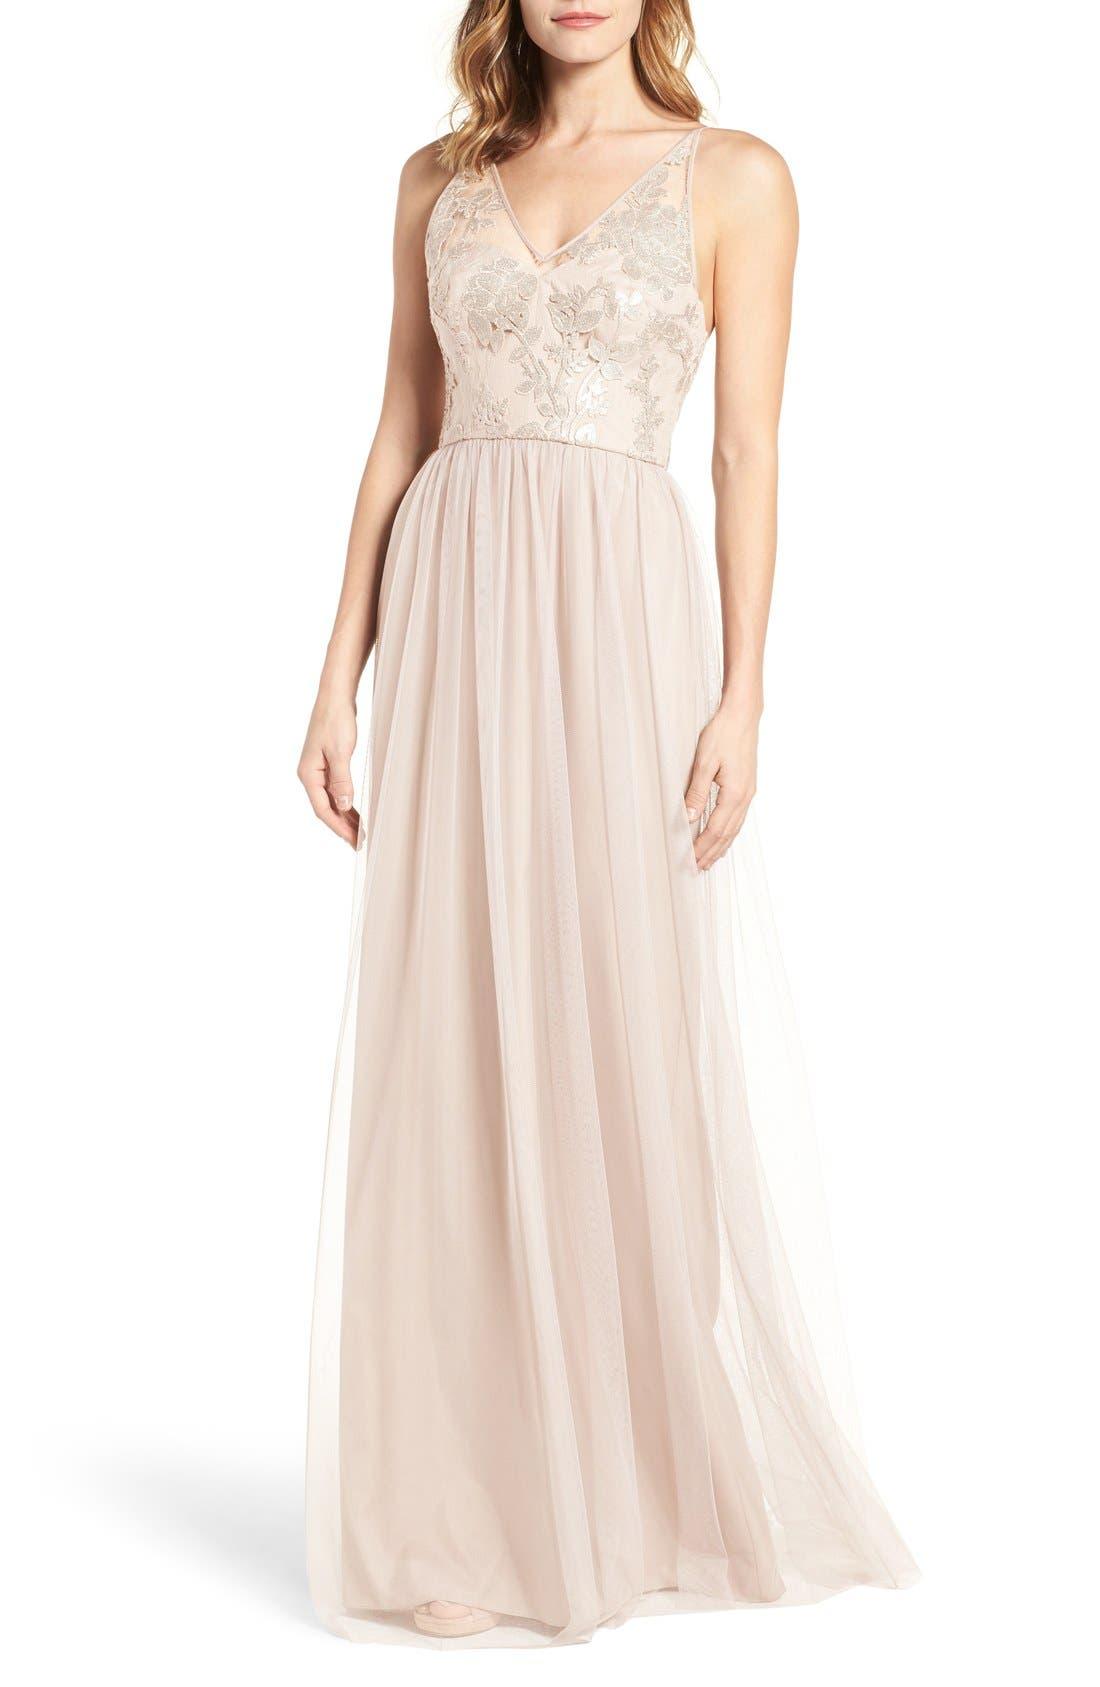 Amsale Sora Sequin & Lace Gown